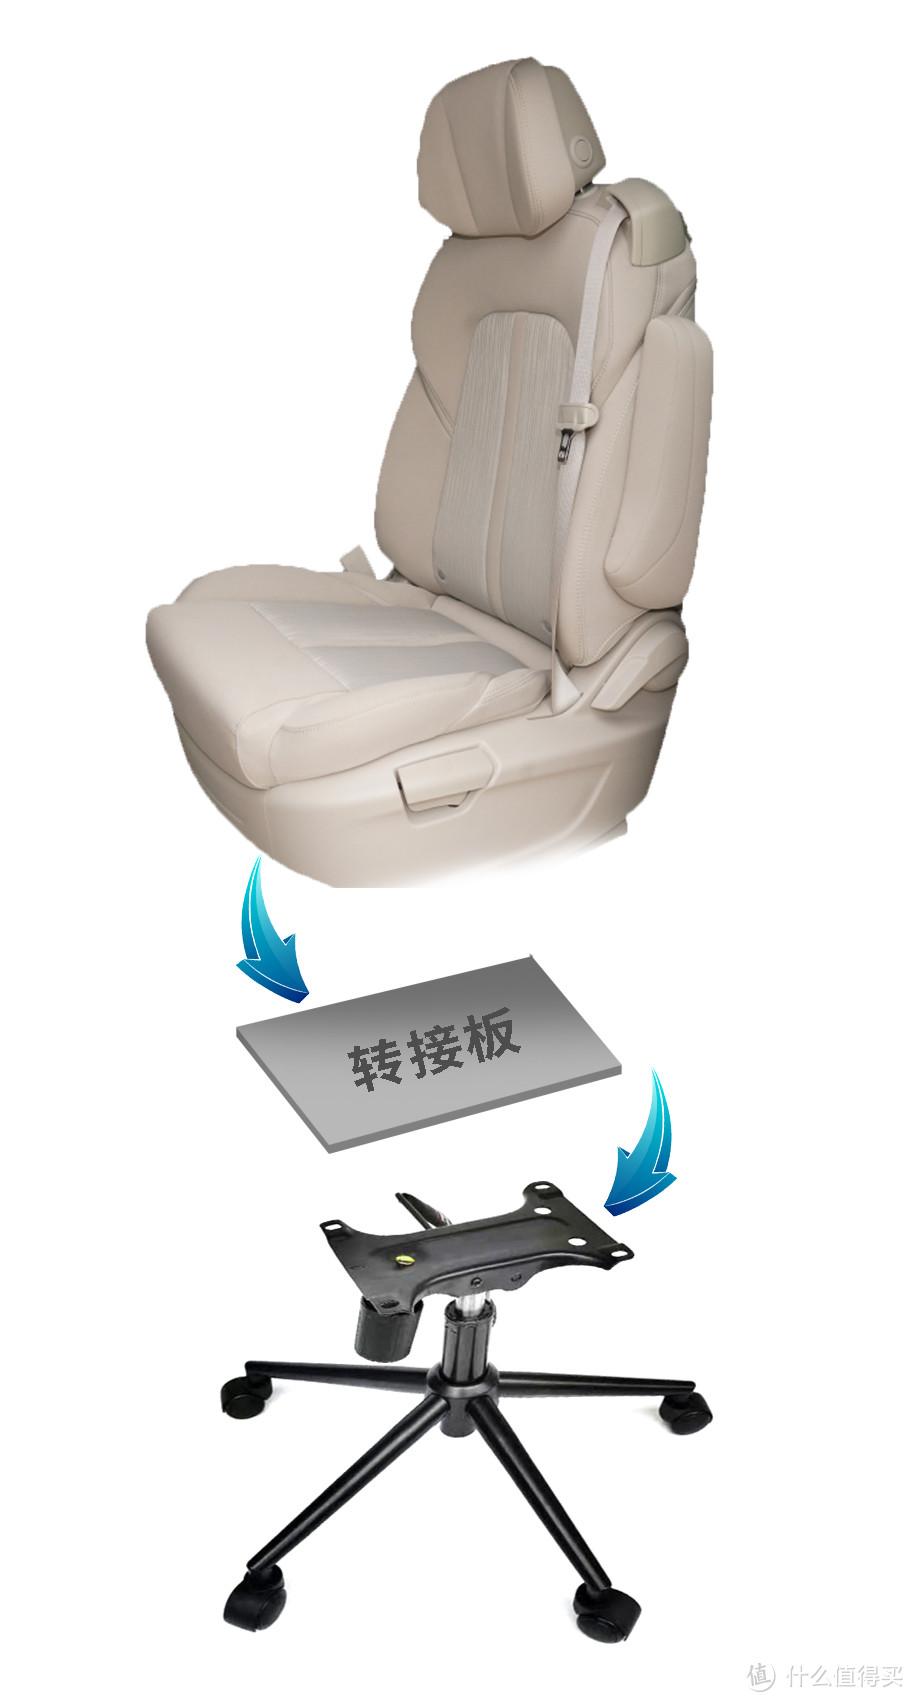 用转接板把椅子和底座套件连起来